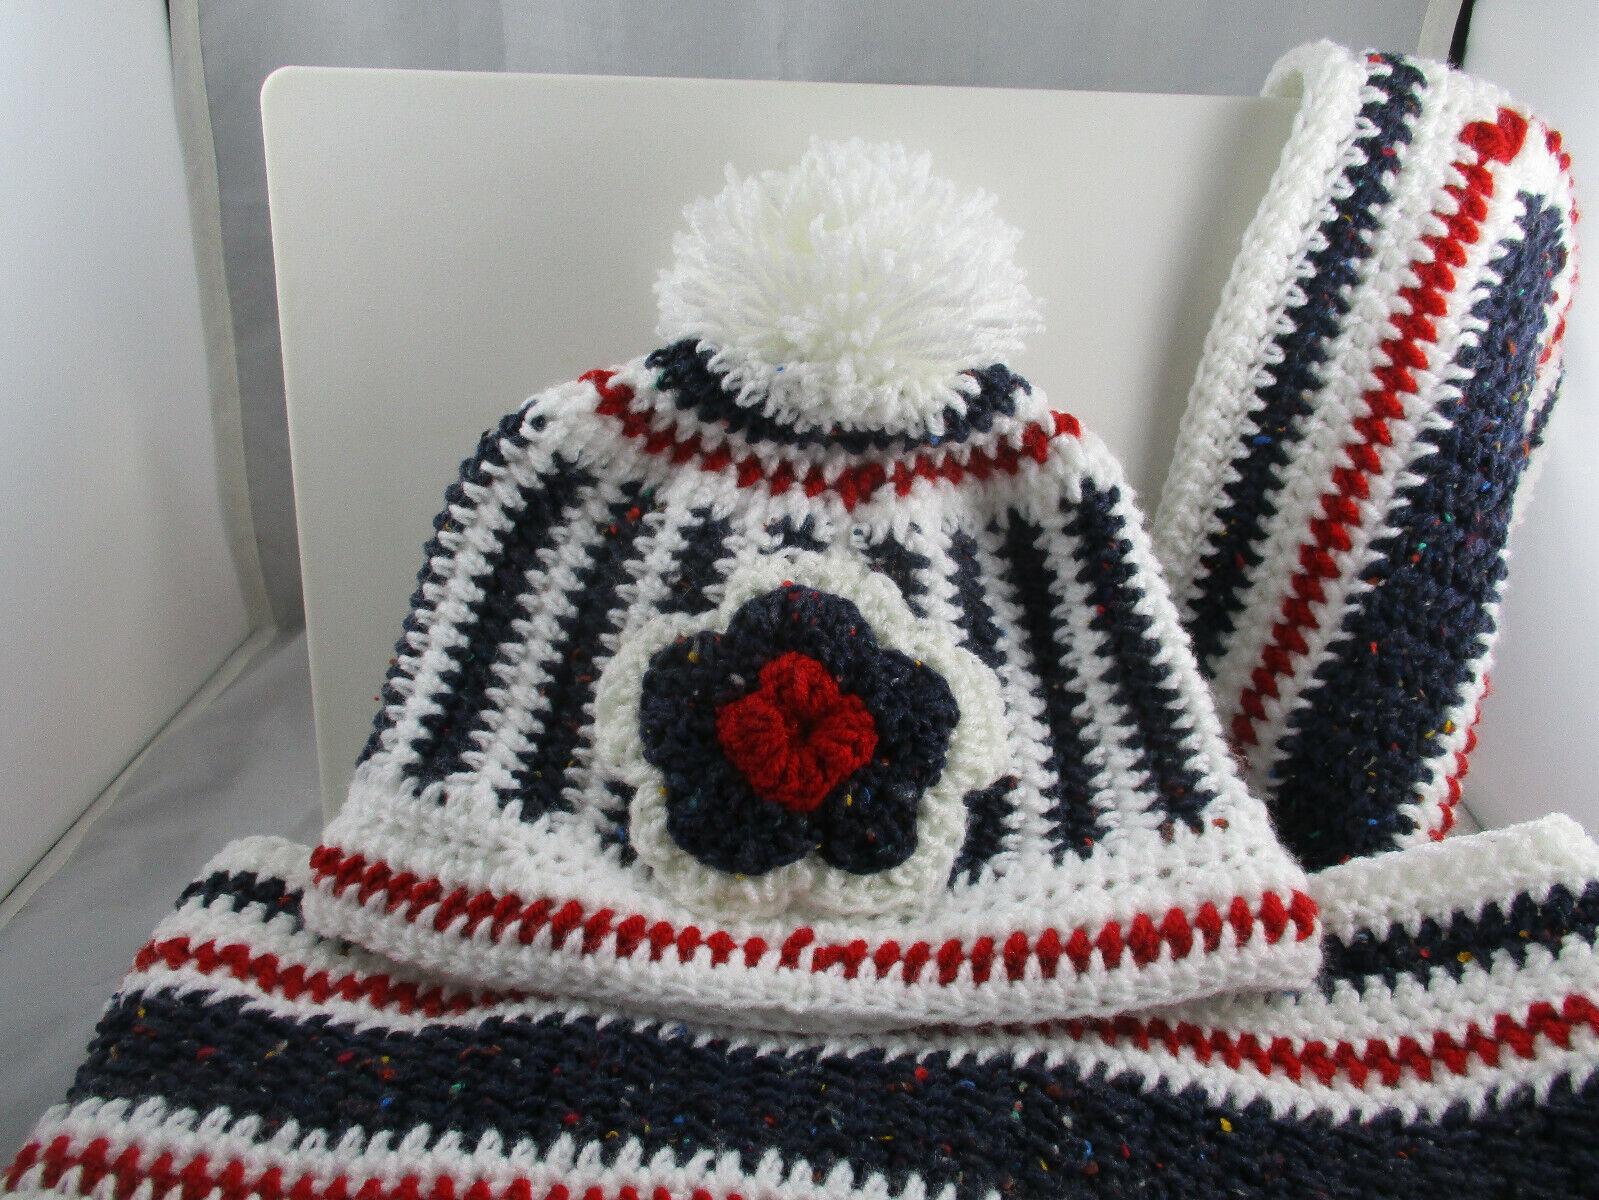 Nuevo Sombrero y Scalf conjunto Mezcla De Lana Crochet Tejido A Mano.